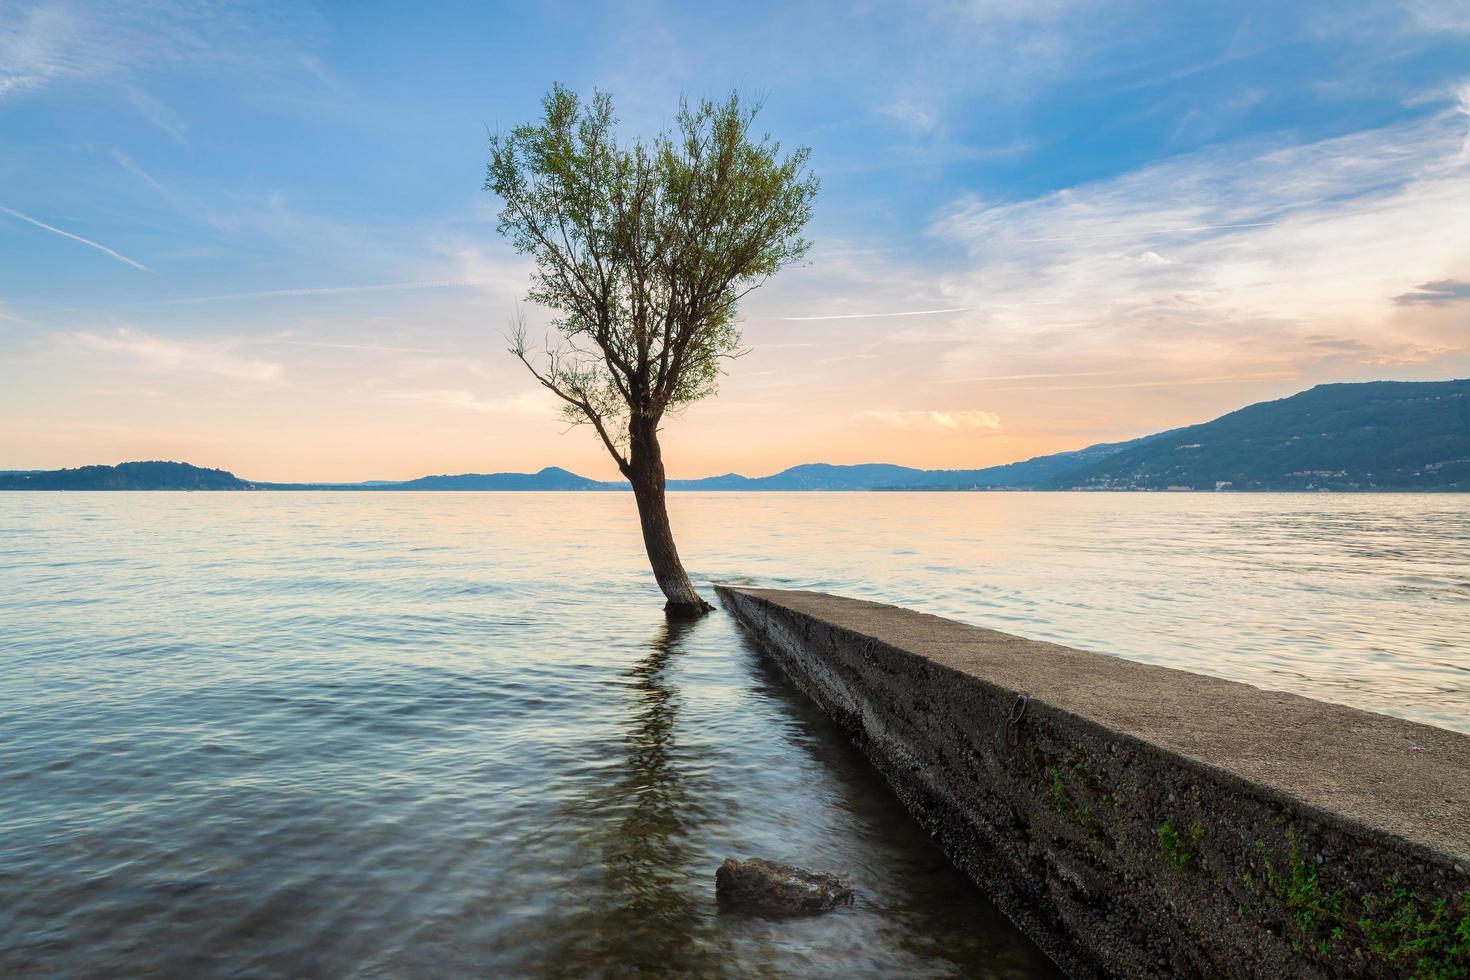 enda träd med reflektion i sjön vid solnedgången foto